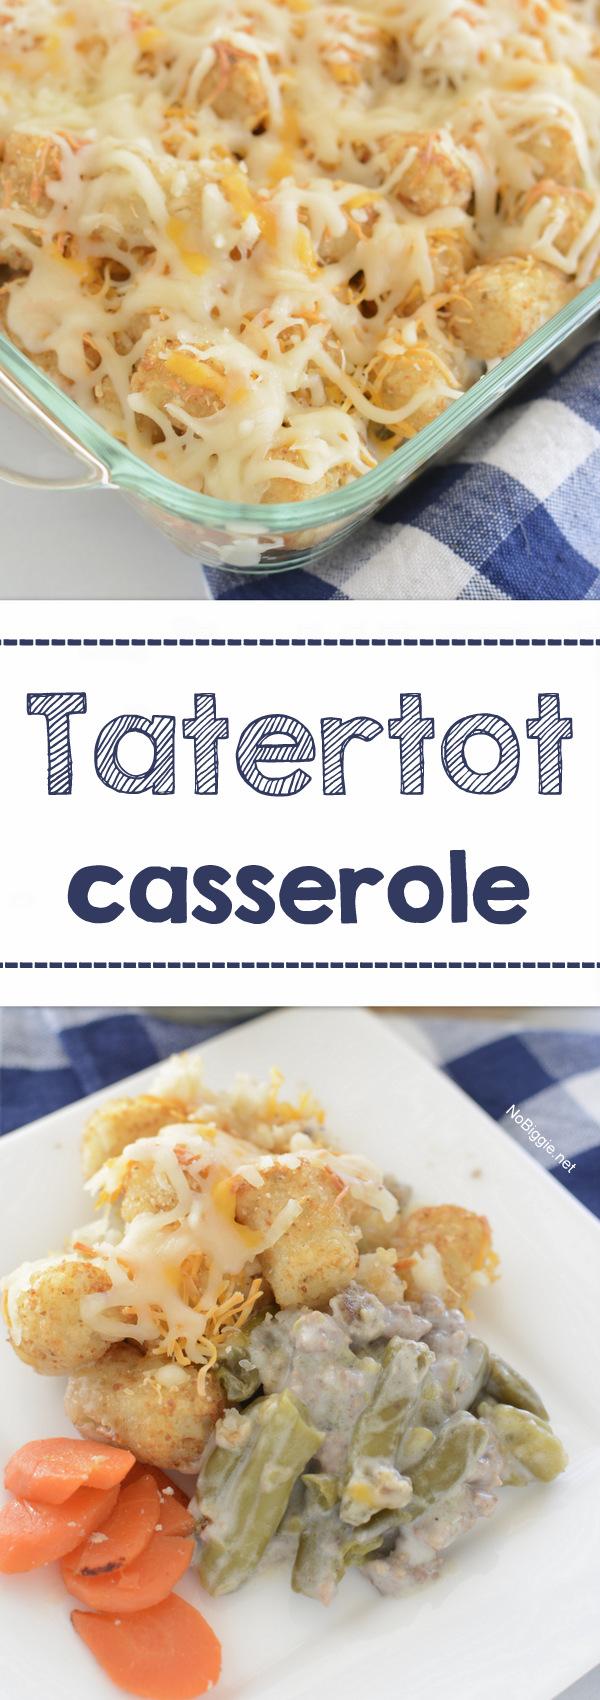 Easy Tatertot casserole | NoBiggie.net